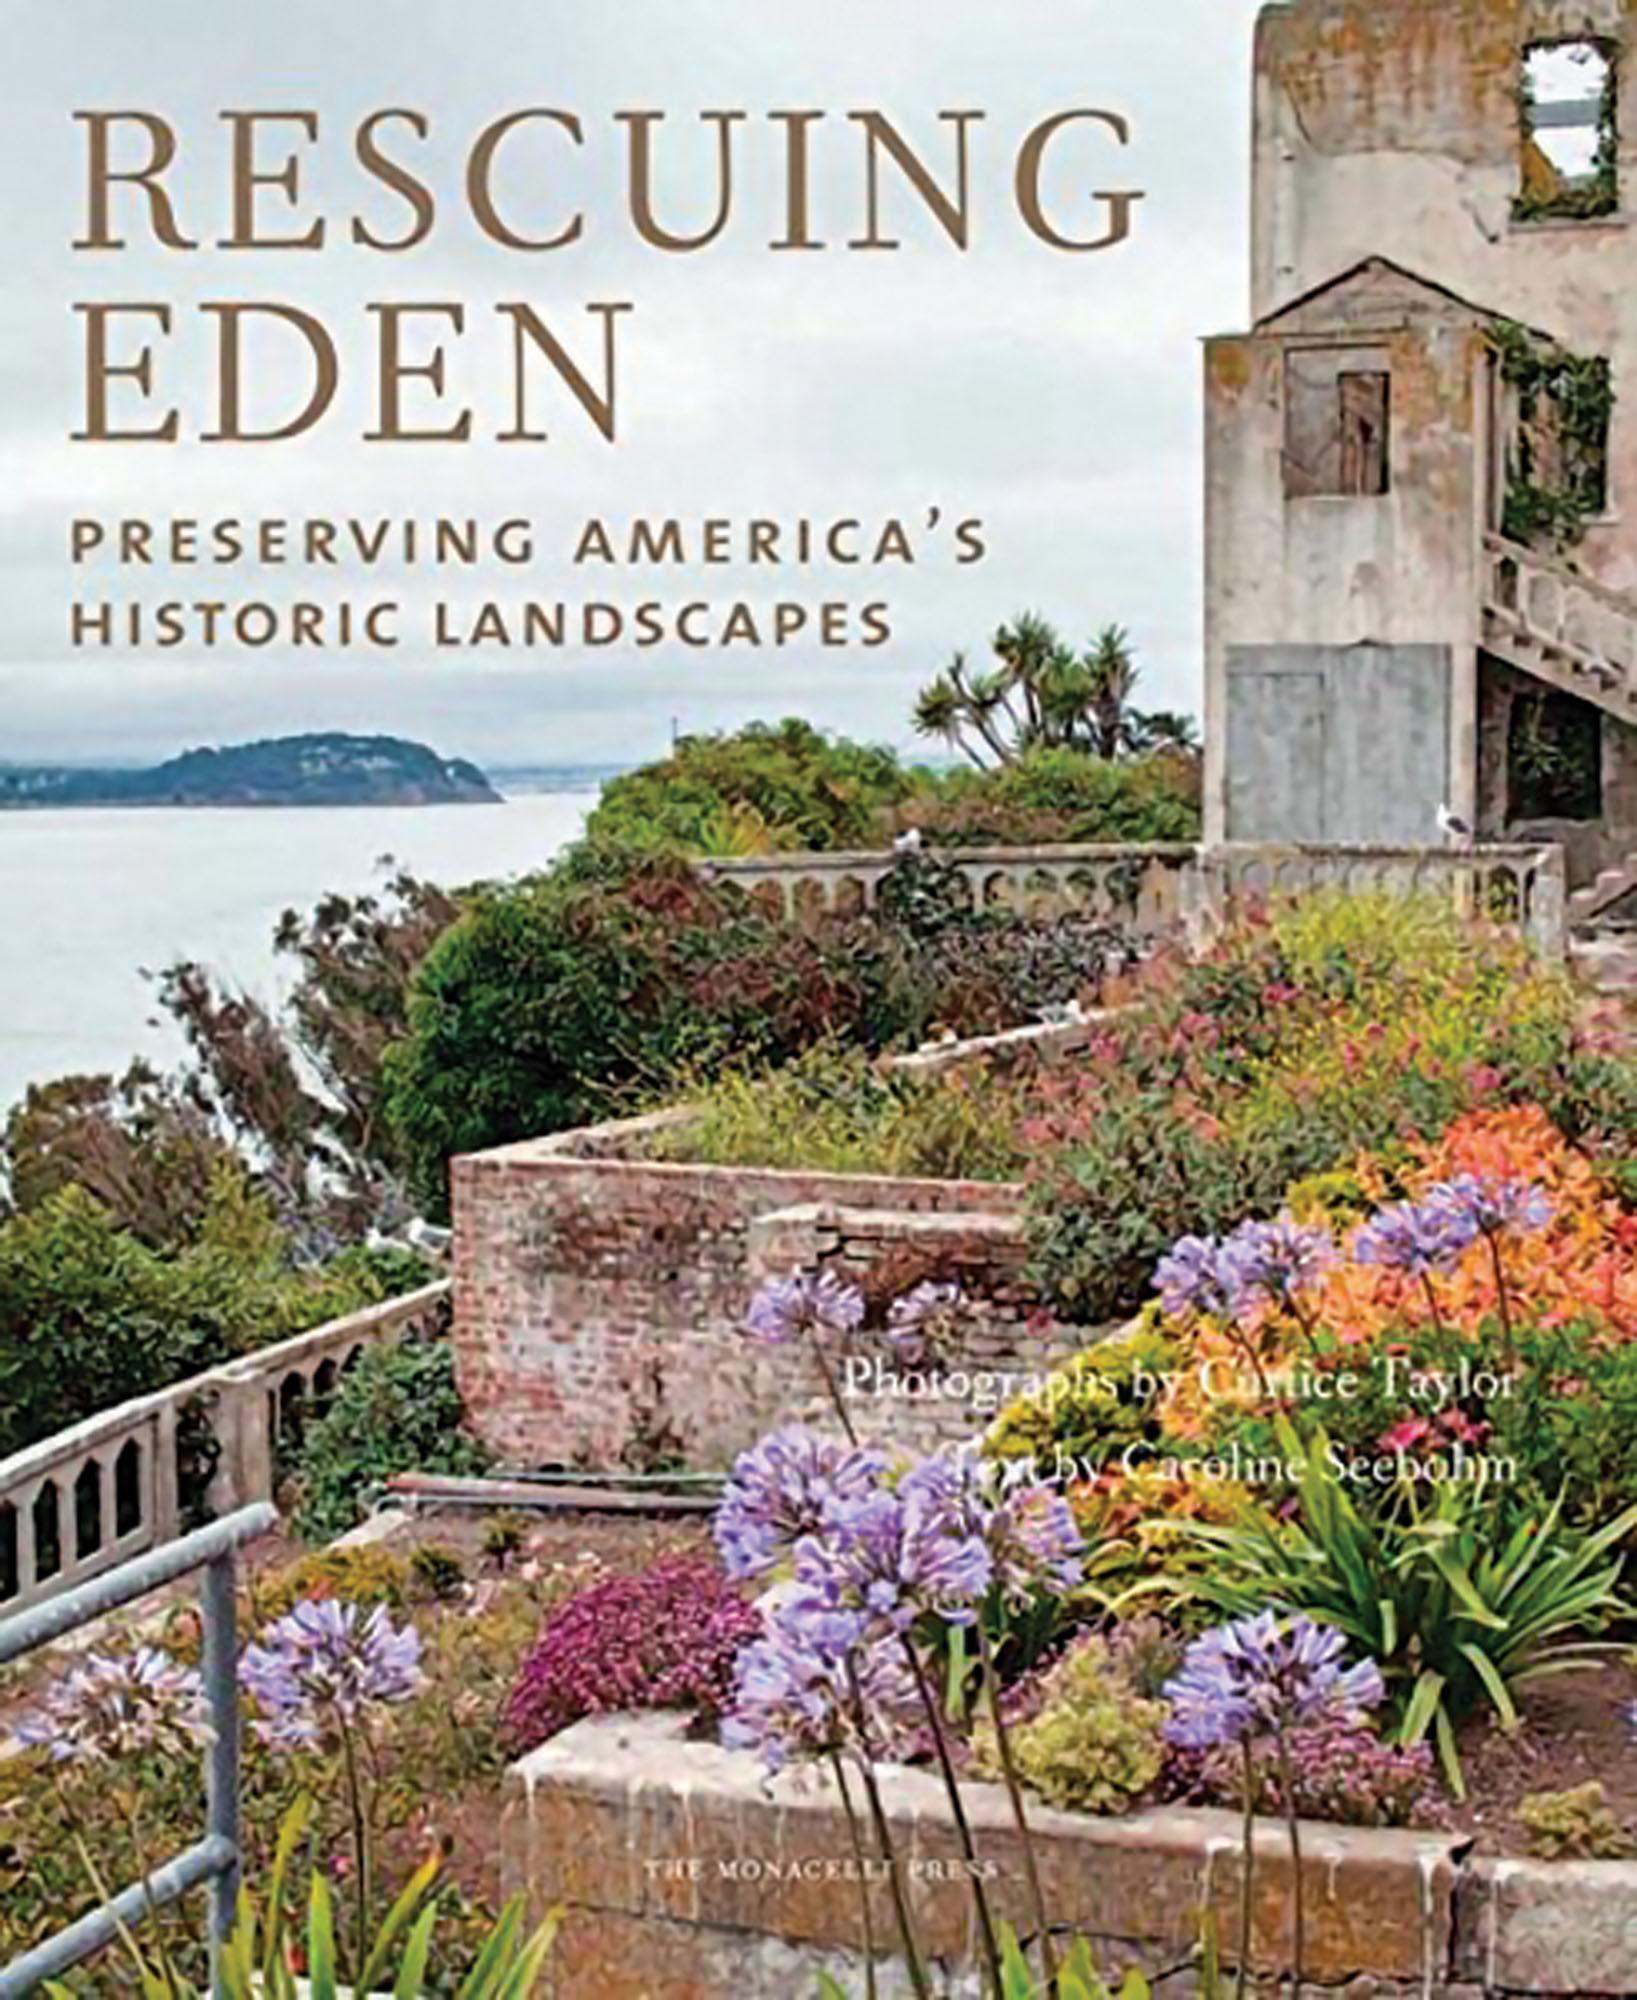 Rescuing Eden, gardening book